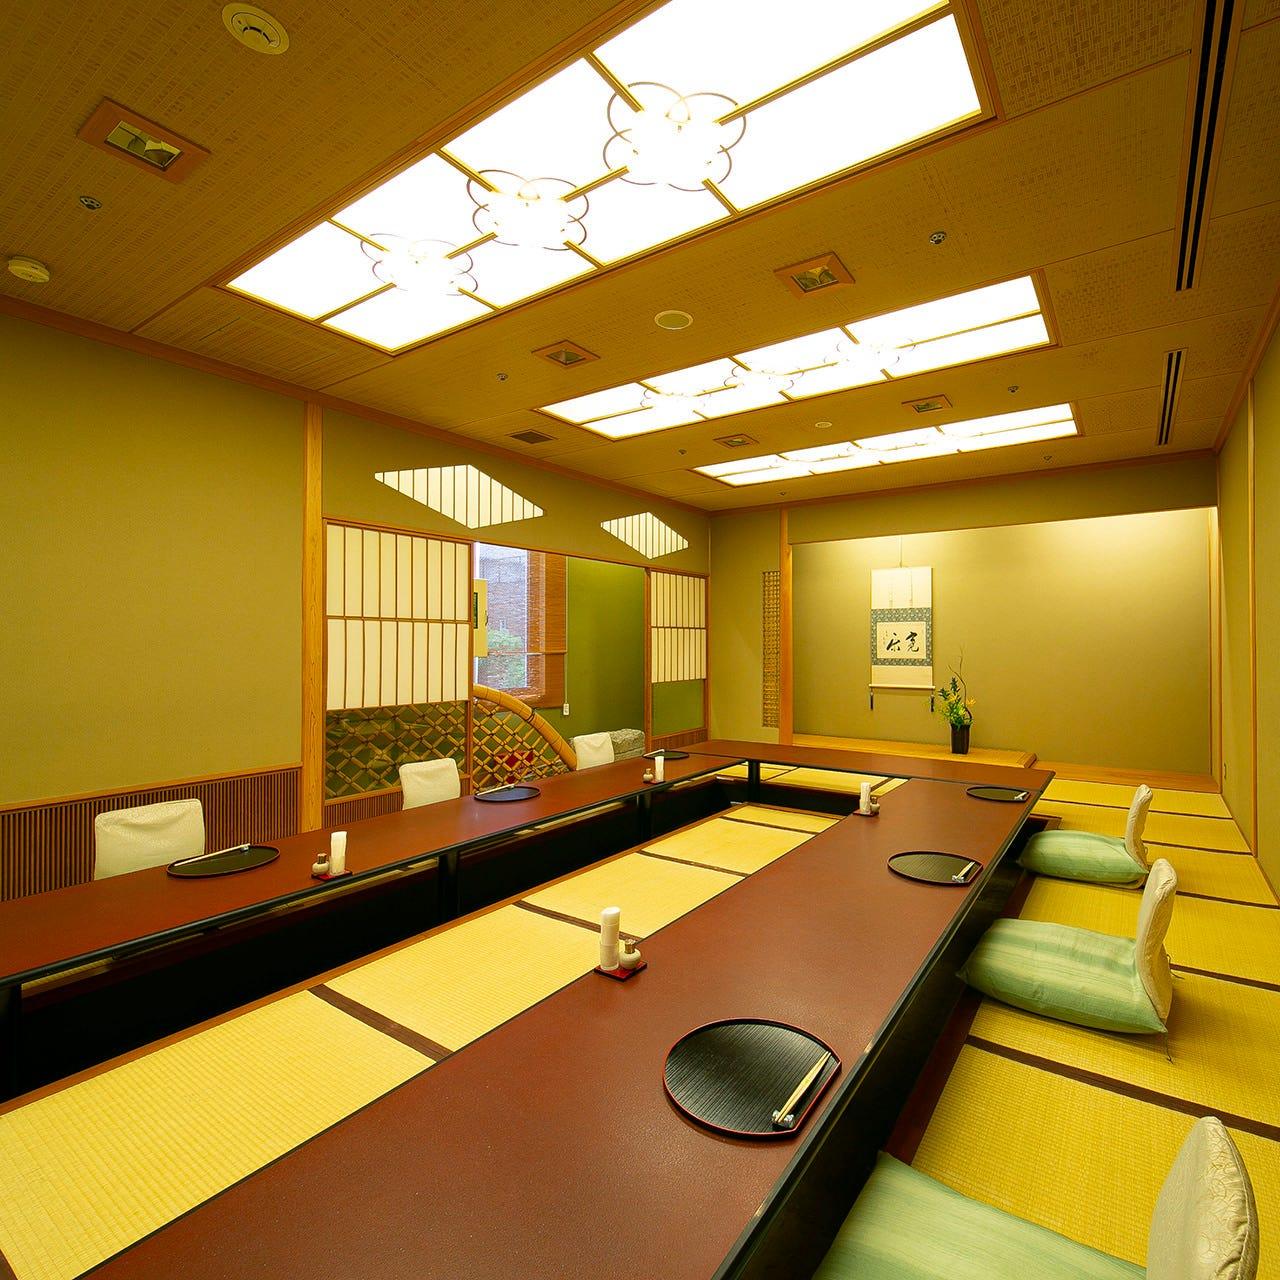 広々した大広間をゆったりした席配置でご利用いただけます